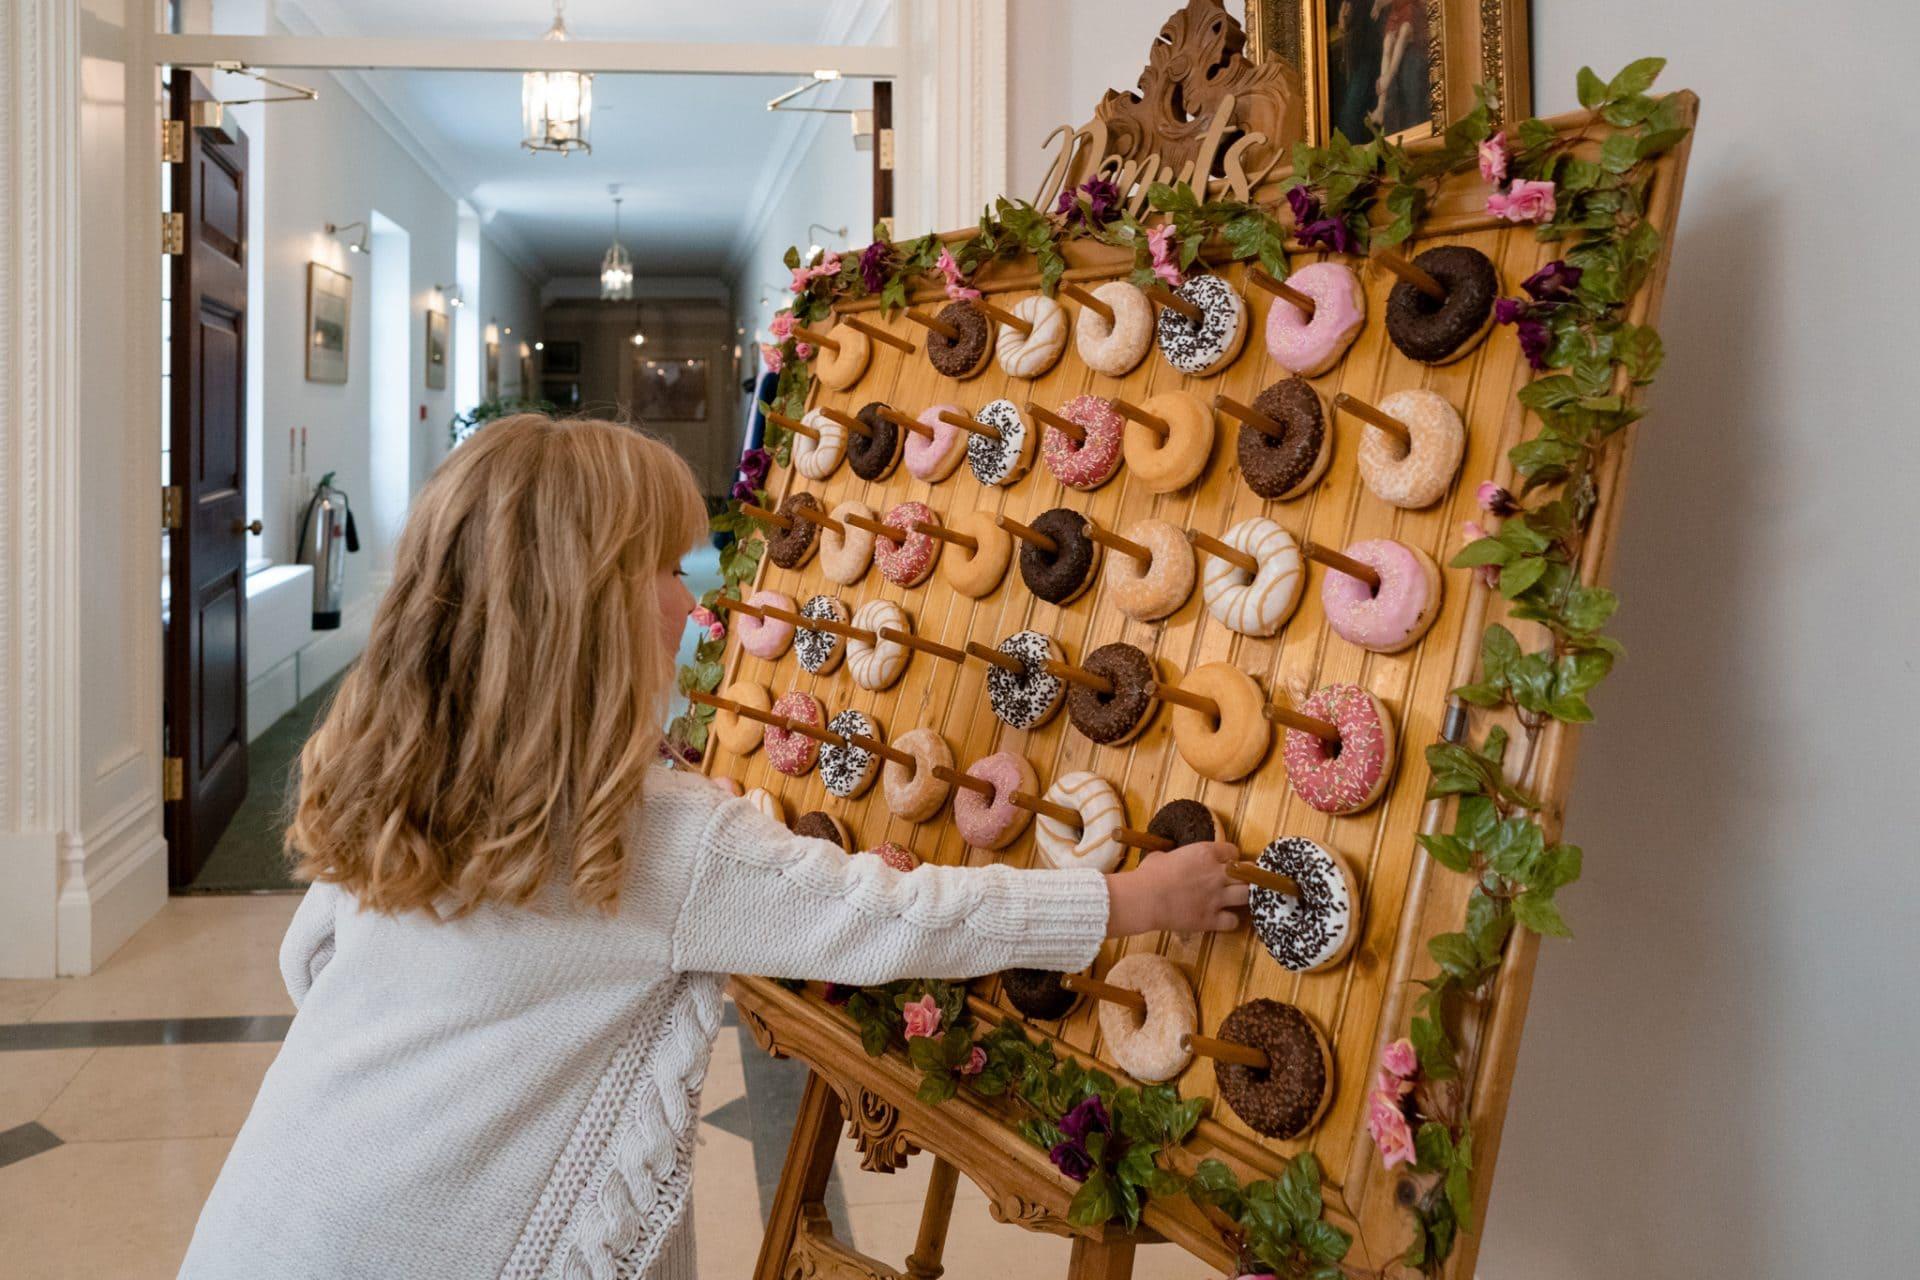 Display of doughnuts at a wedding